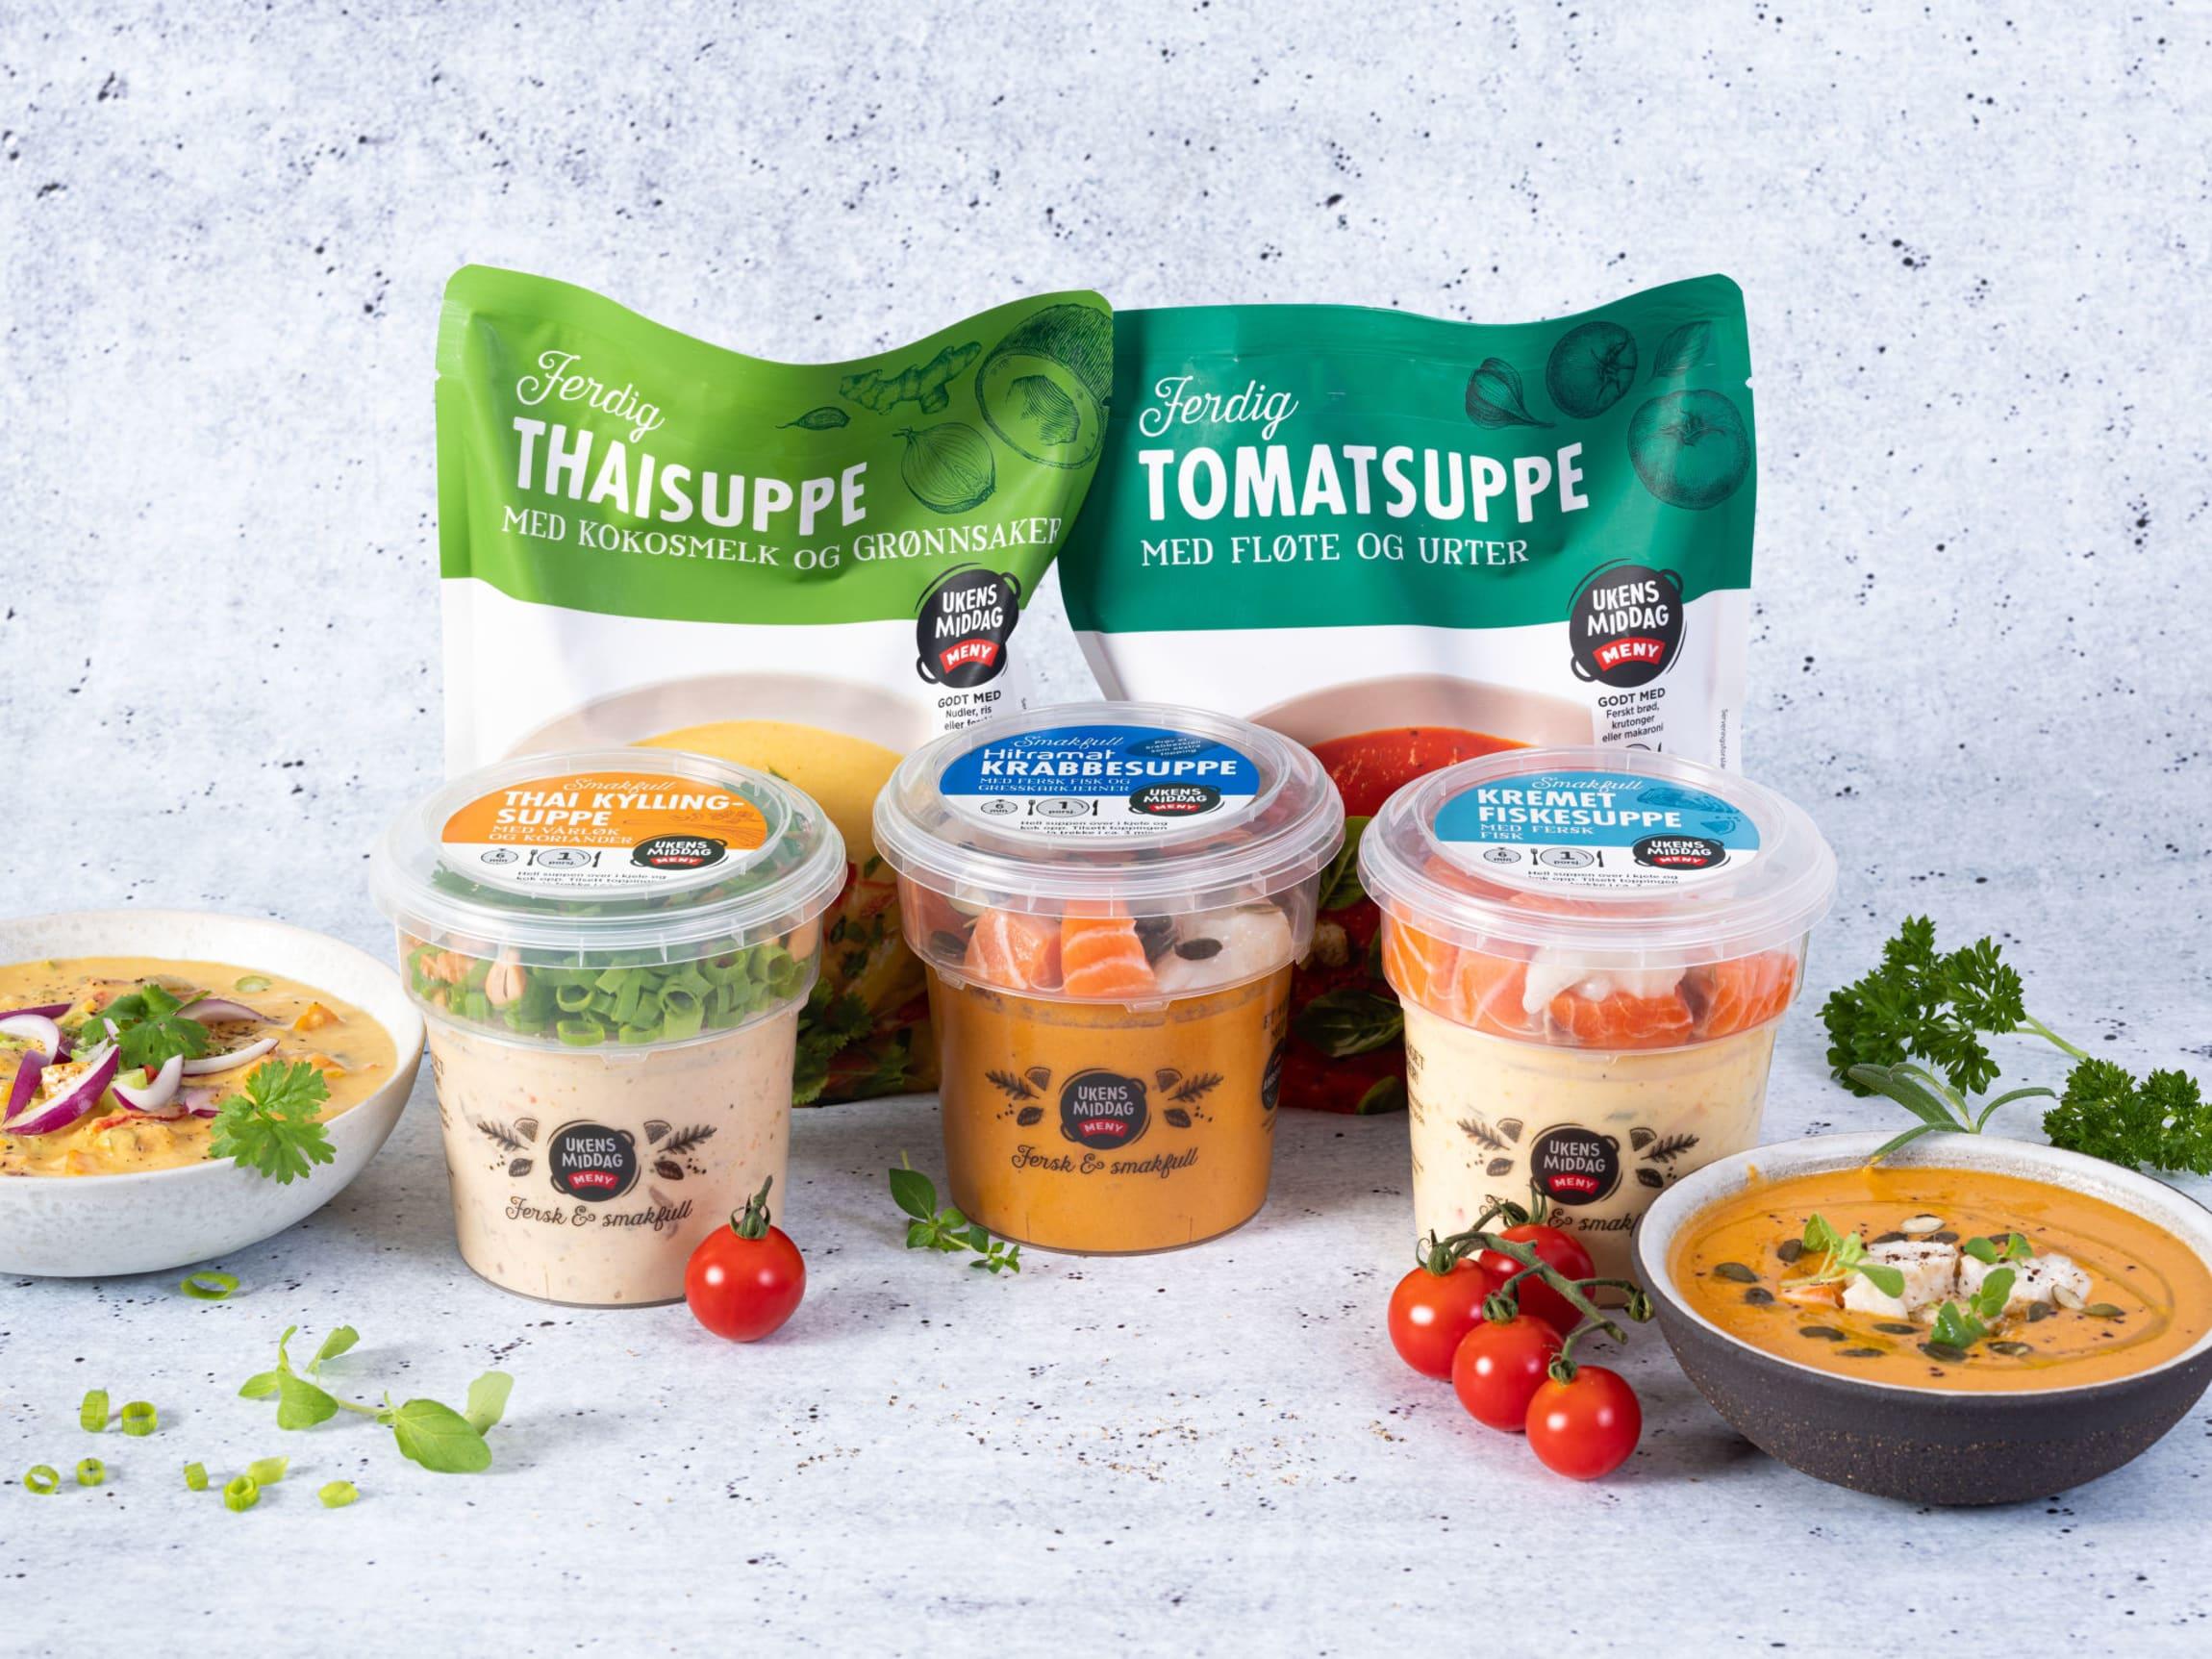 Suppene i Ukens middag konseptet er favoritter hos våre kunder.